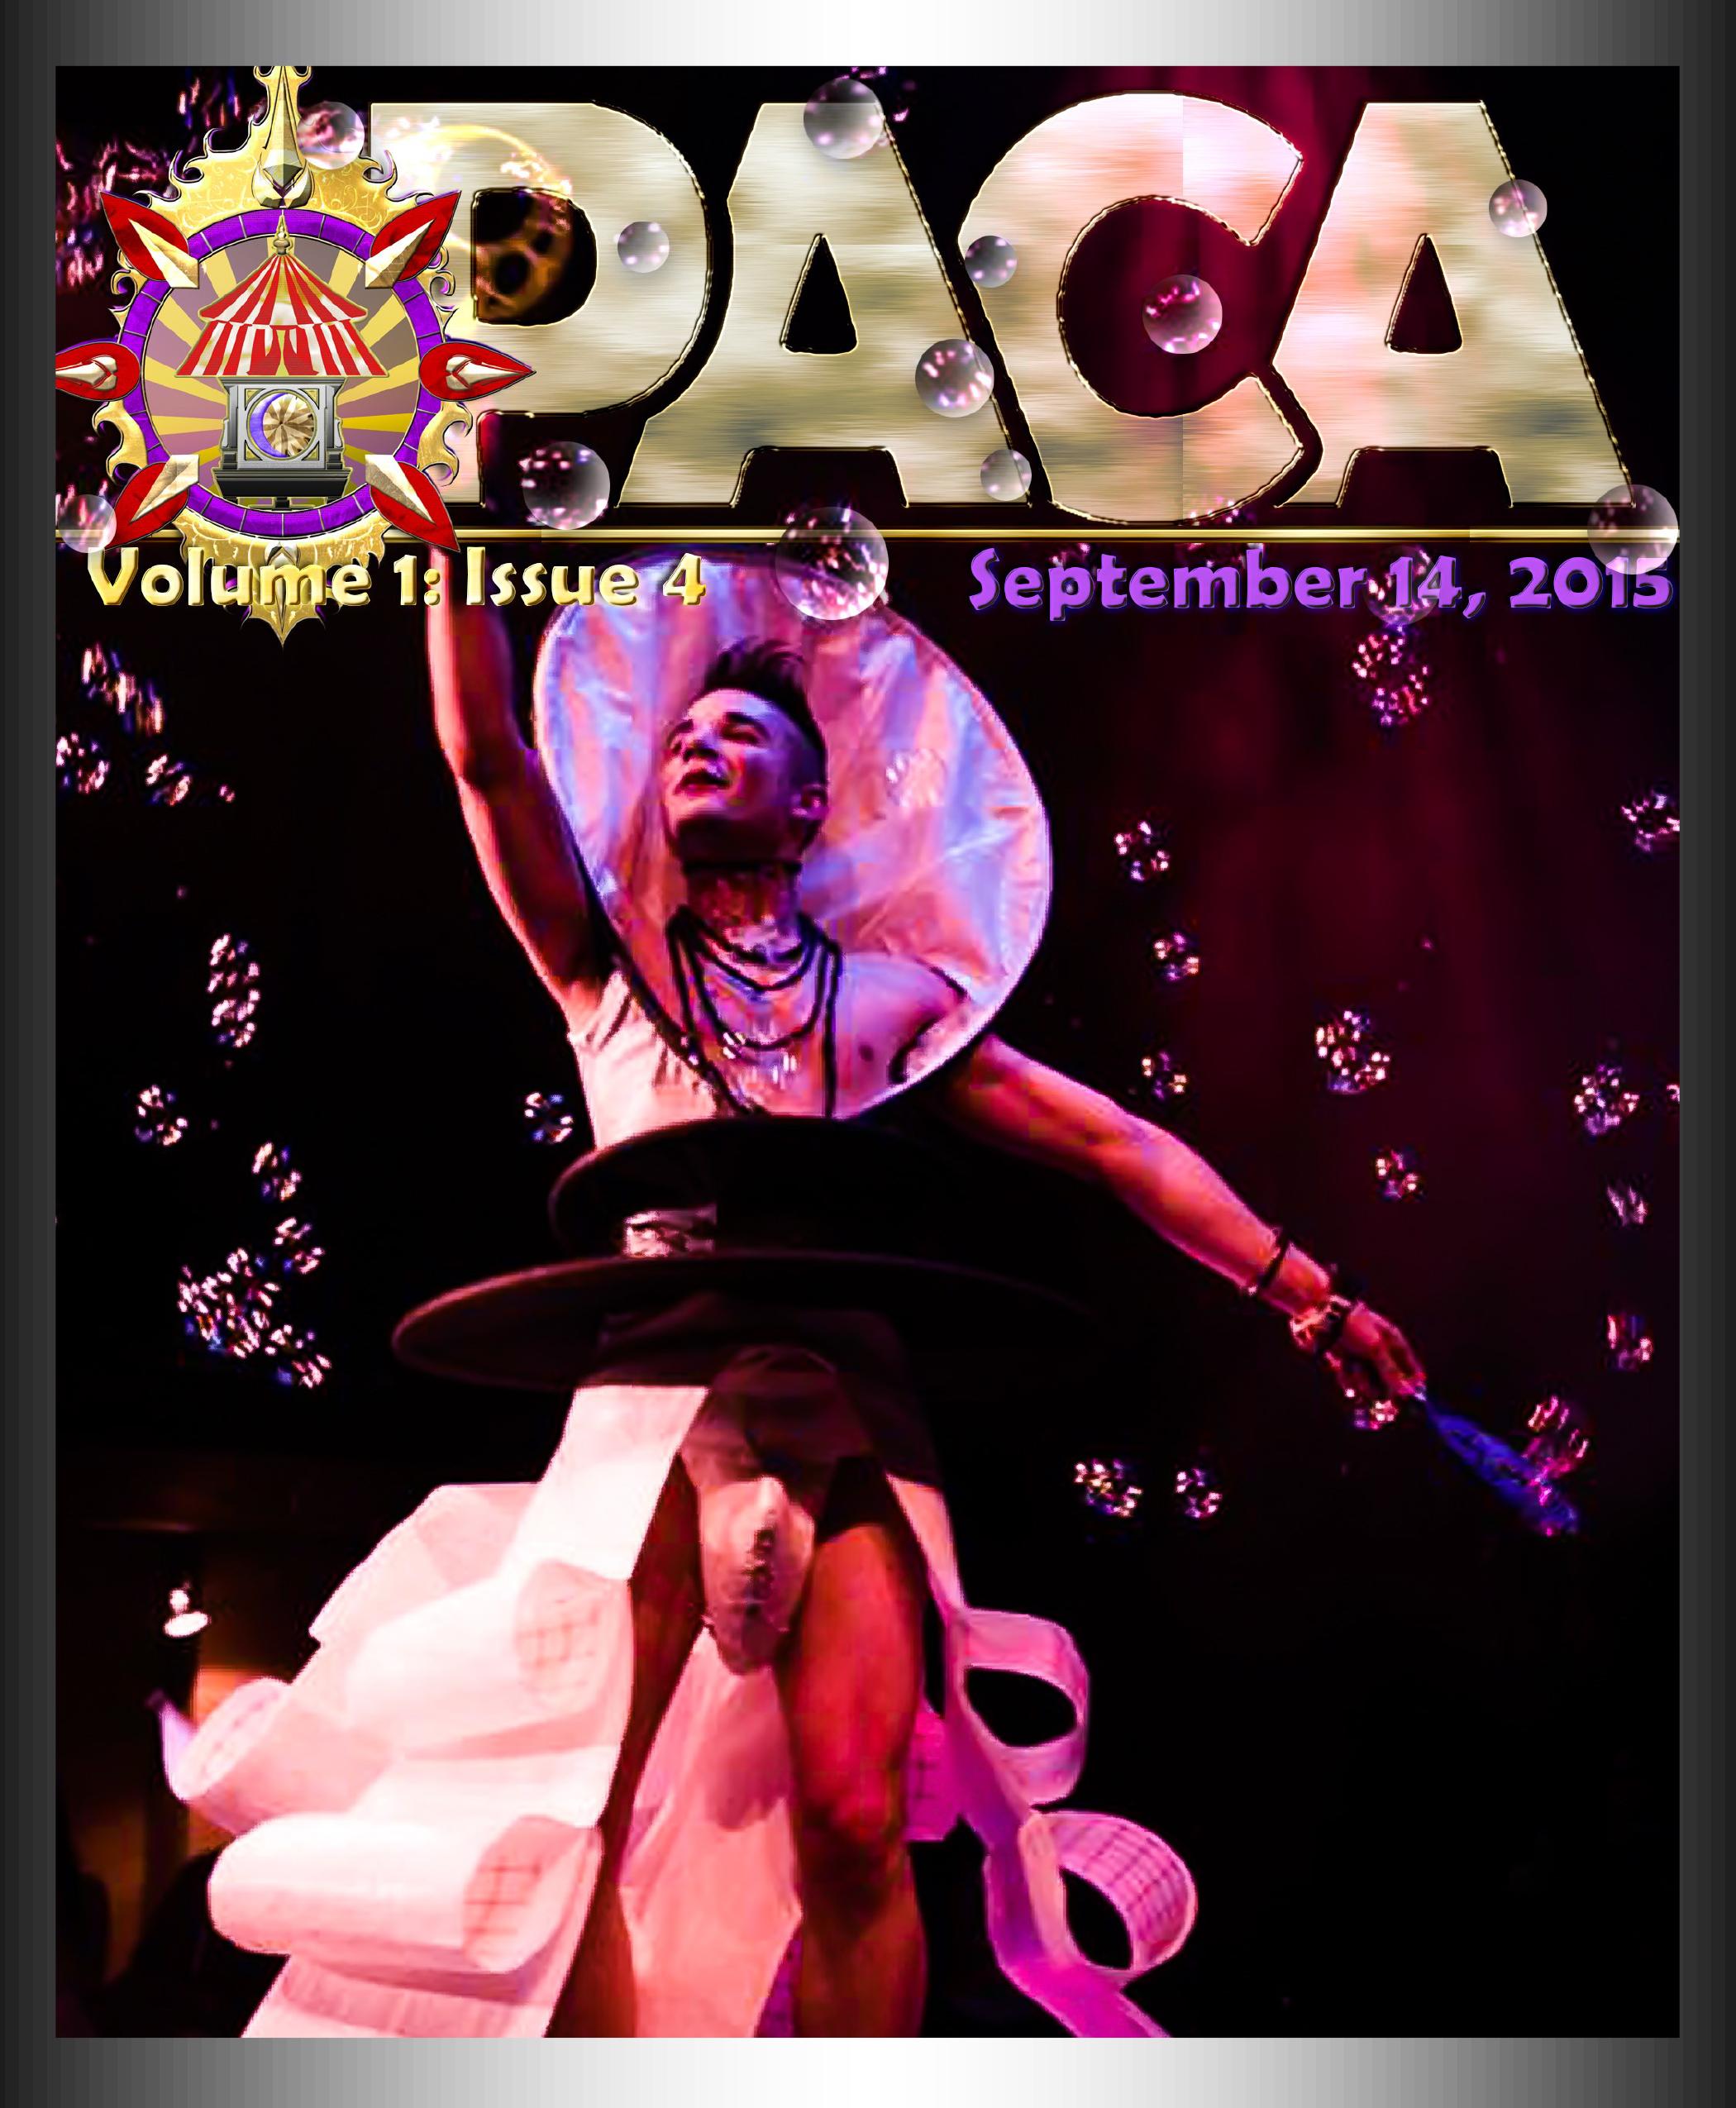 PACA Newsletter Volume 1 Issue 4 1